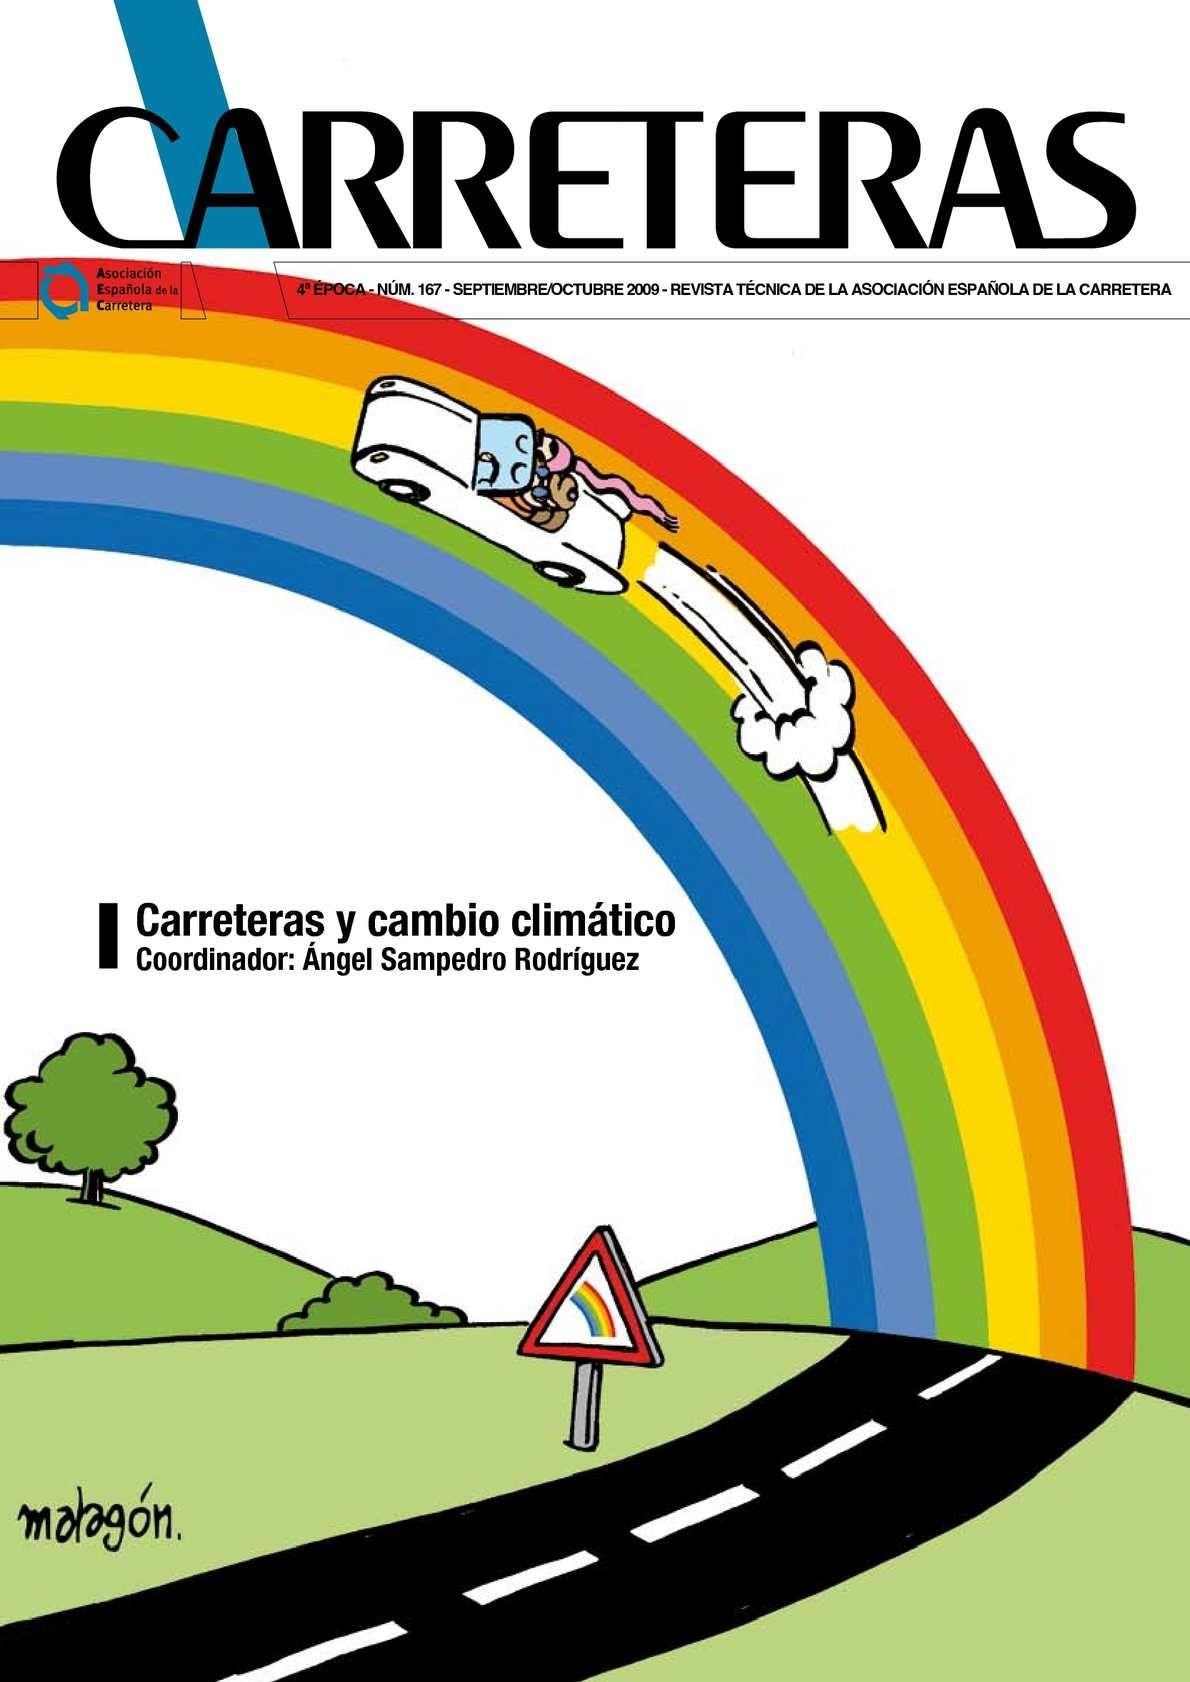 Calaméo Carreteras nºm 167 Carreteras y Cambio Climático